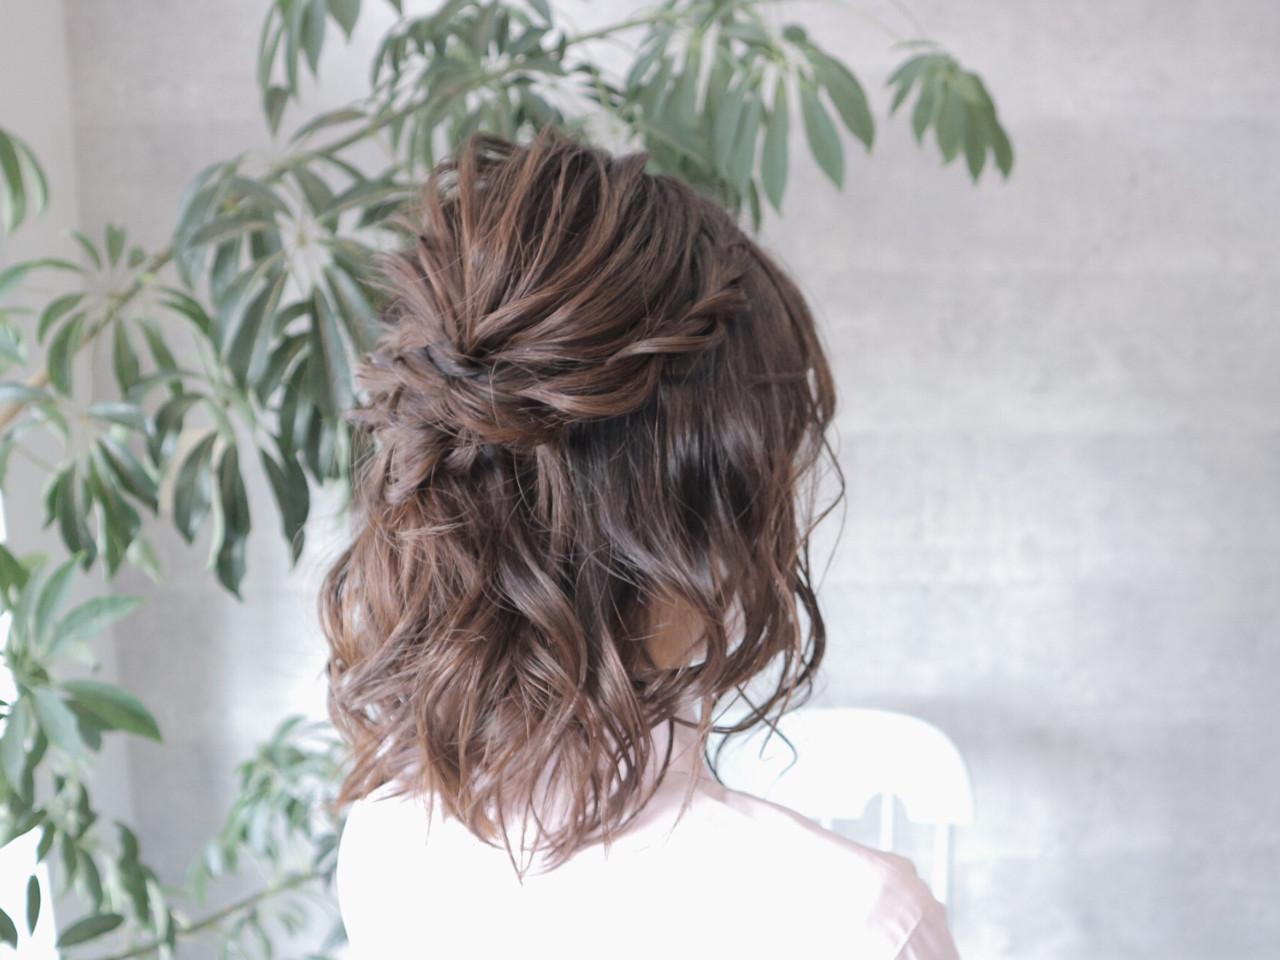 ボブ ハーフアップ エレガント デート ヘアスタイルや髪型の写真・画像